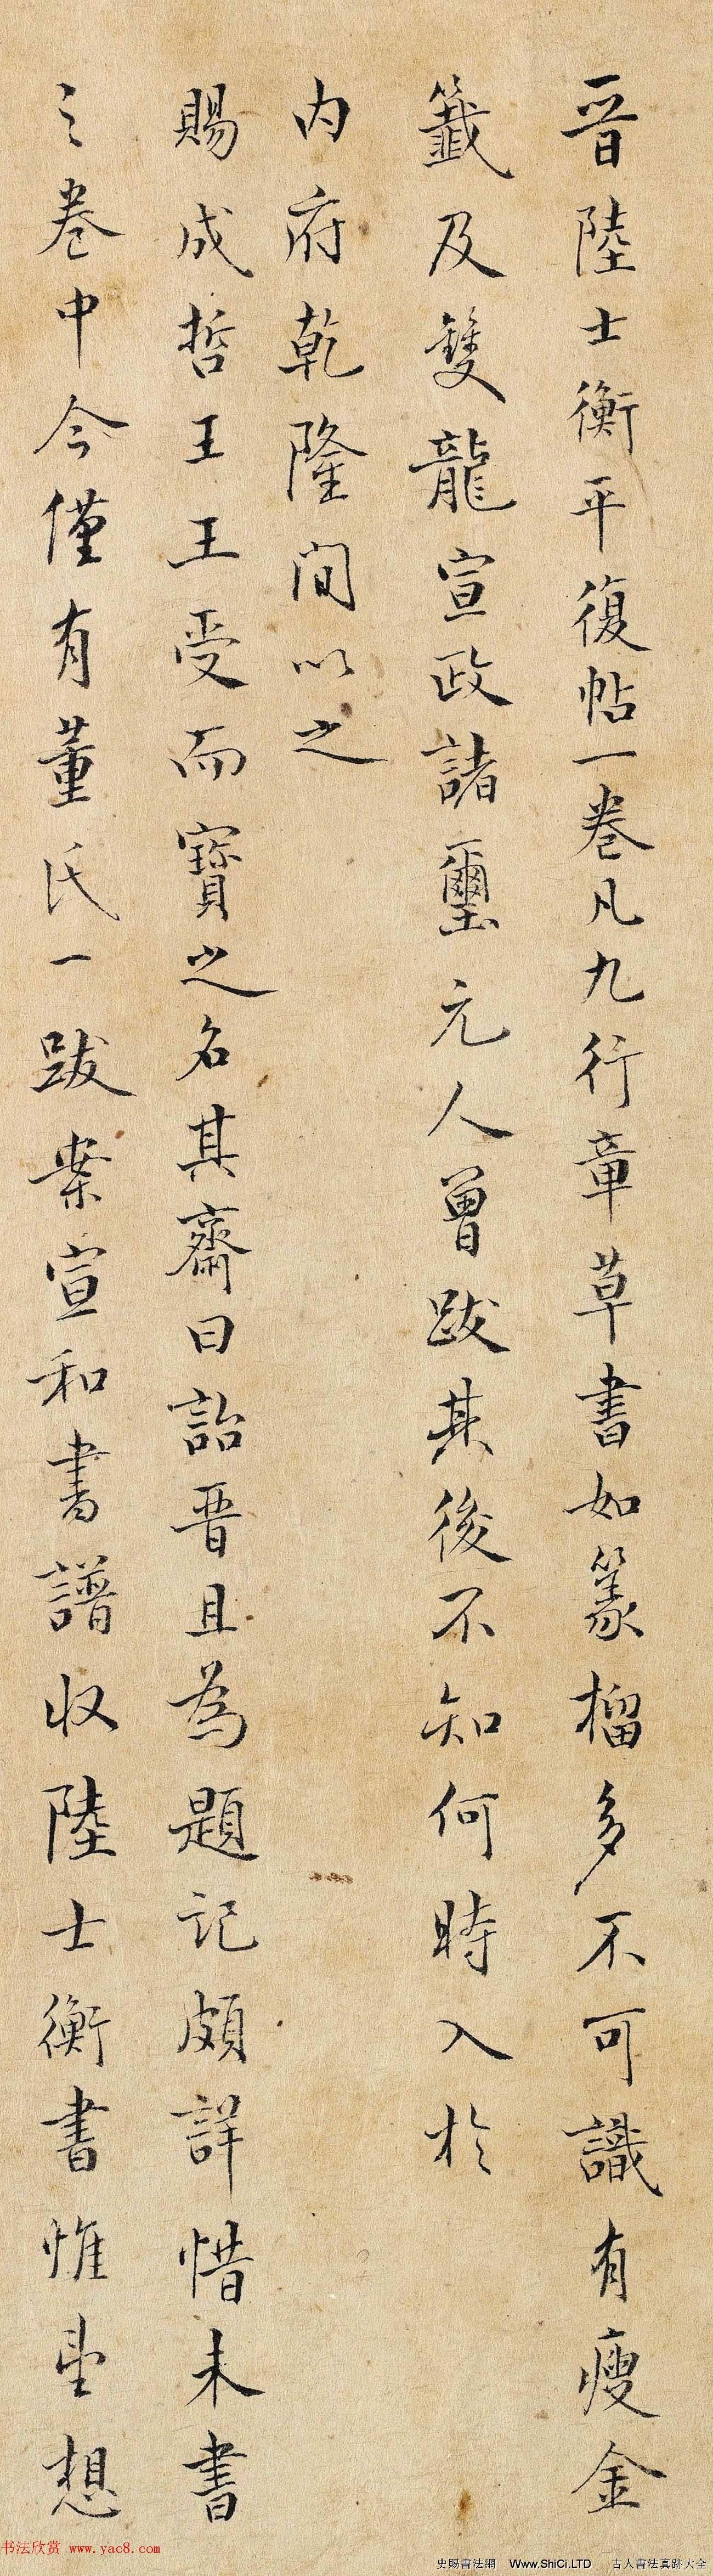 愛新覺羅·溥偉書法題跋字帖《平復帖》(共6張圖片)